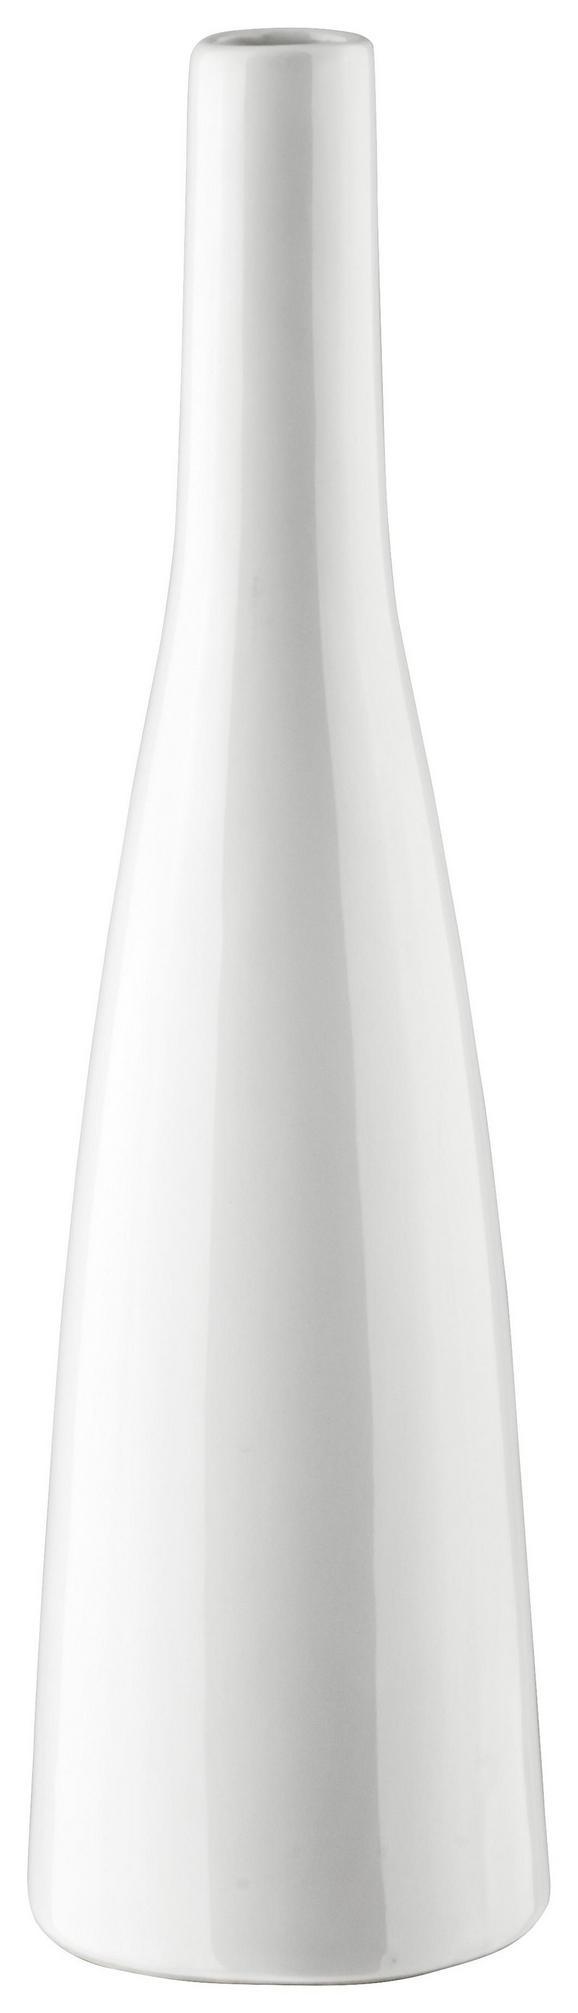 Vase Plancio in Weiß aus Glas - Weiß, MODERN, Keramik (33cm) - Mömax modern living